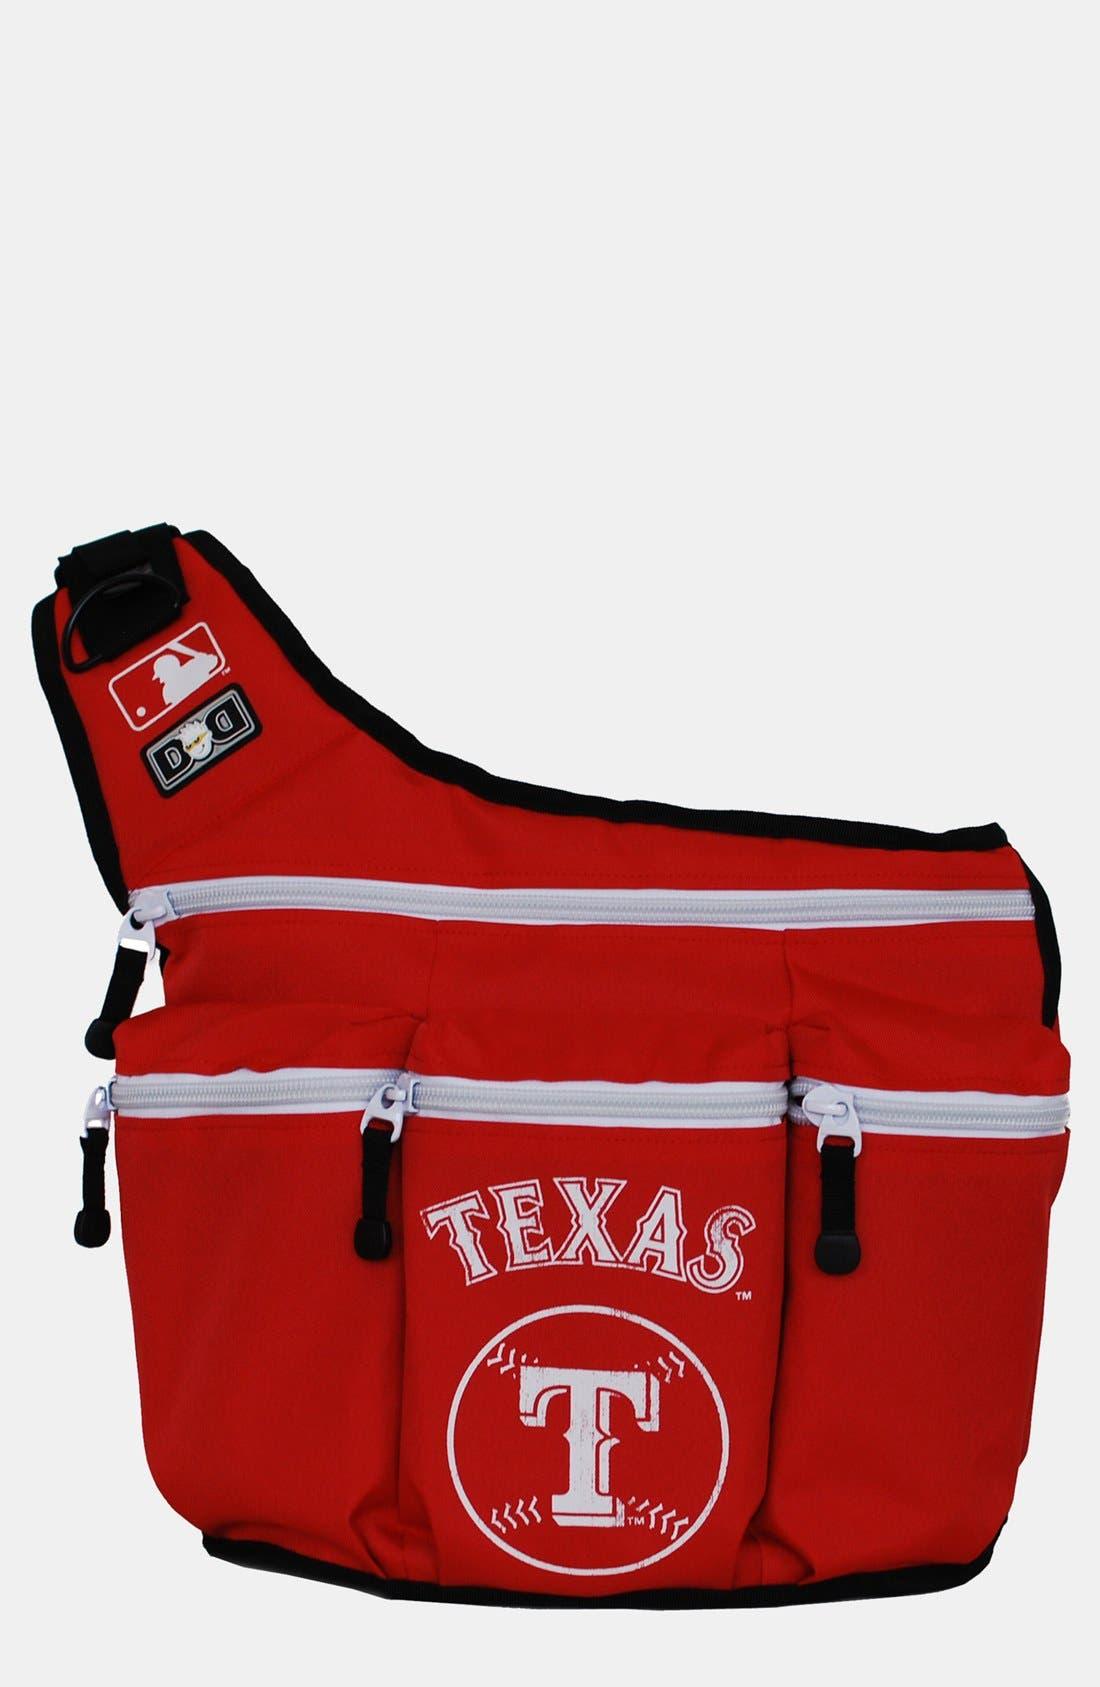 Alternate Image 1 Selected - Diaper Dude 'Texas Rangers' Messenger Diaper Bag